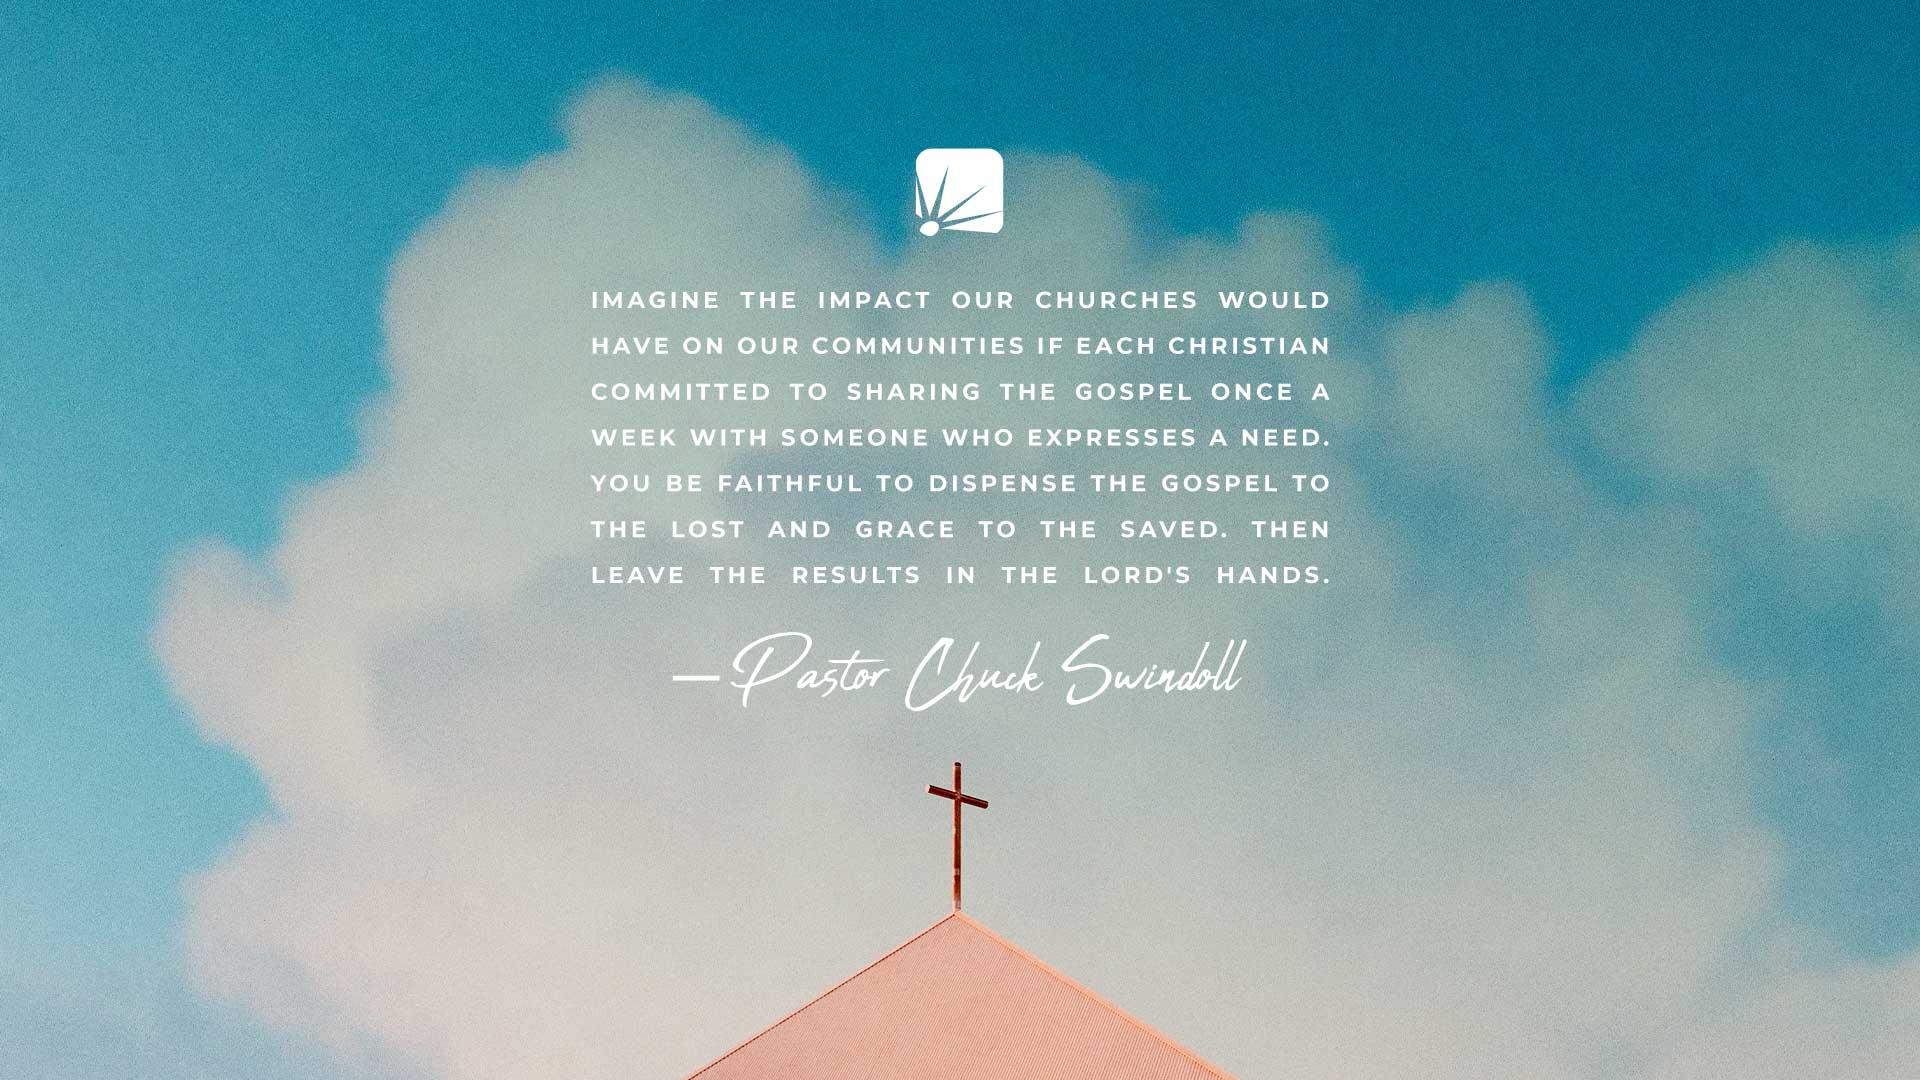 Cita de Chuck Swindoll sobre compartir el evangelio